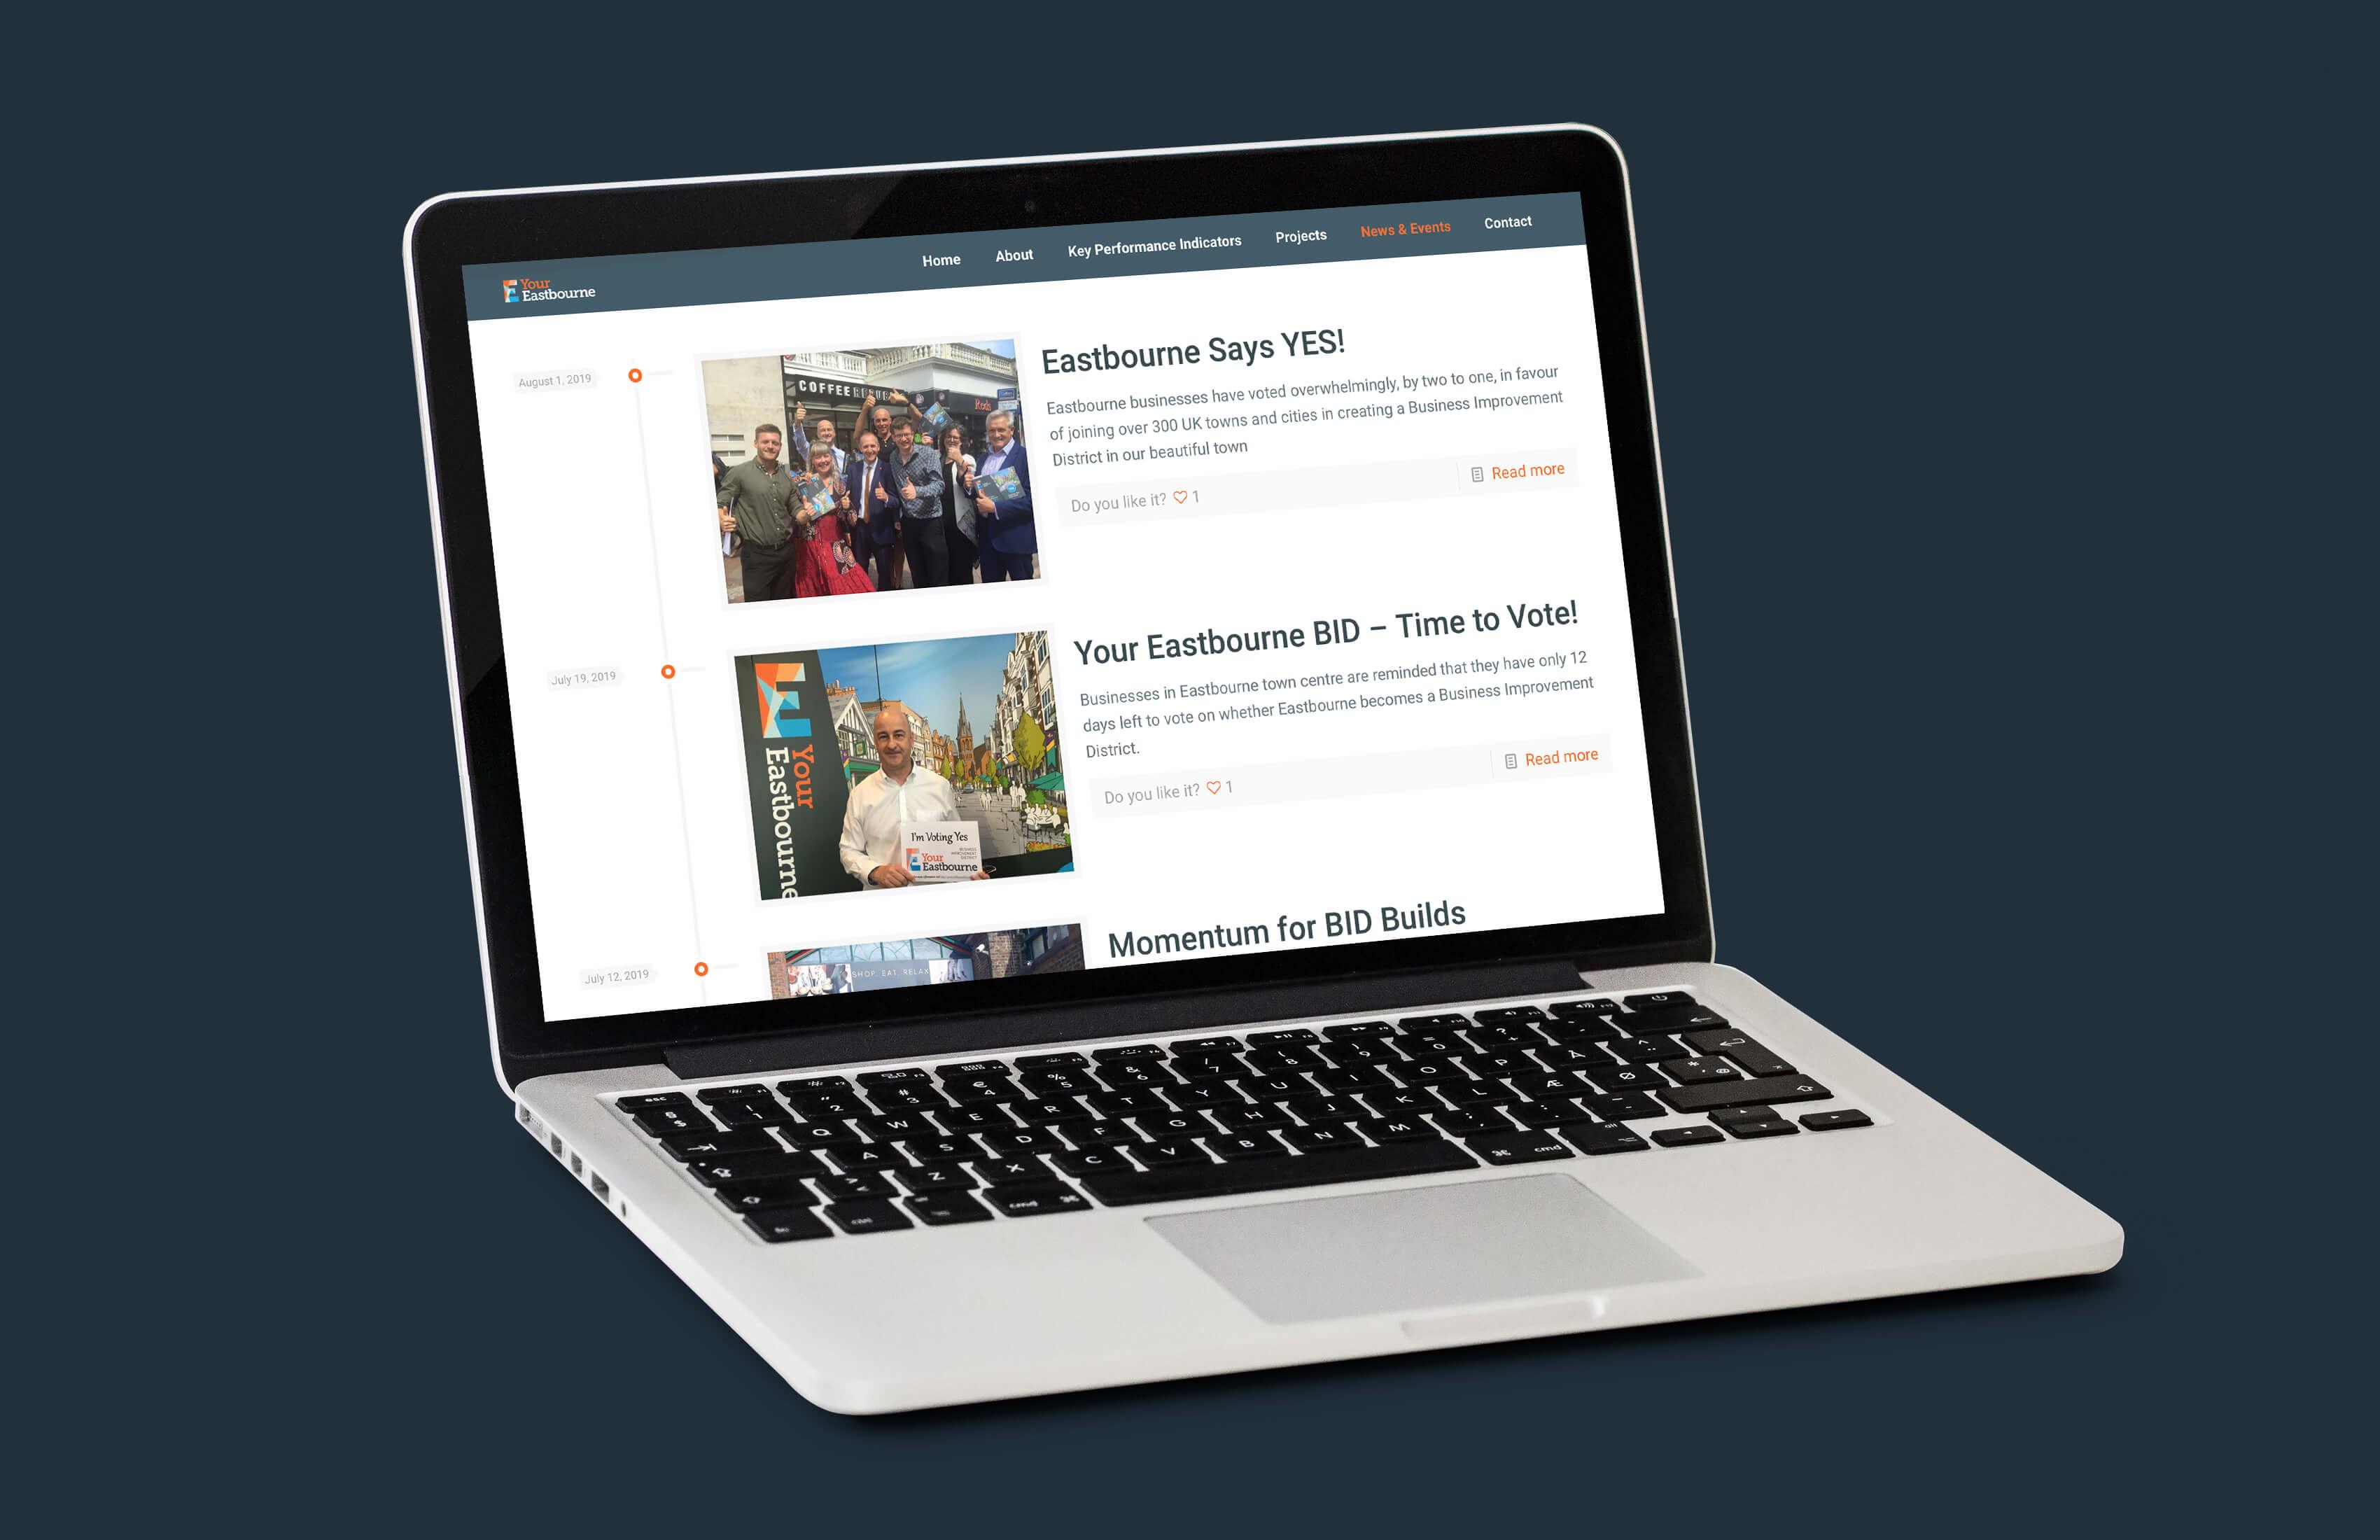 Your Eastbourne BID website